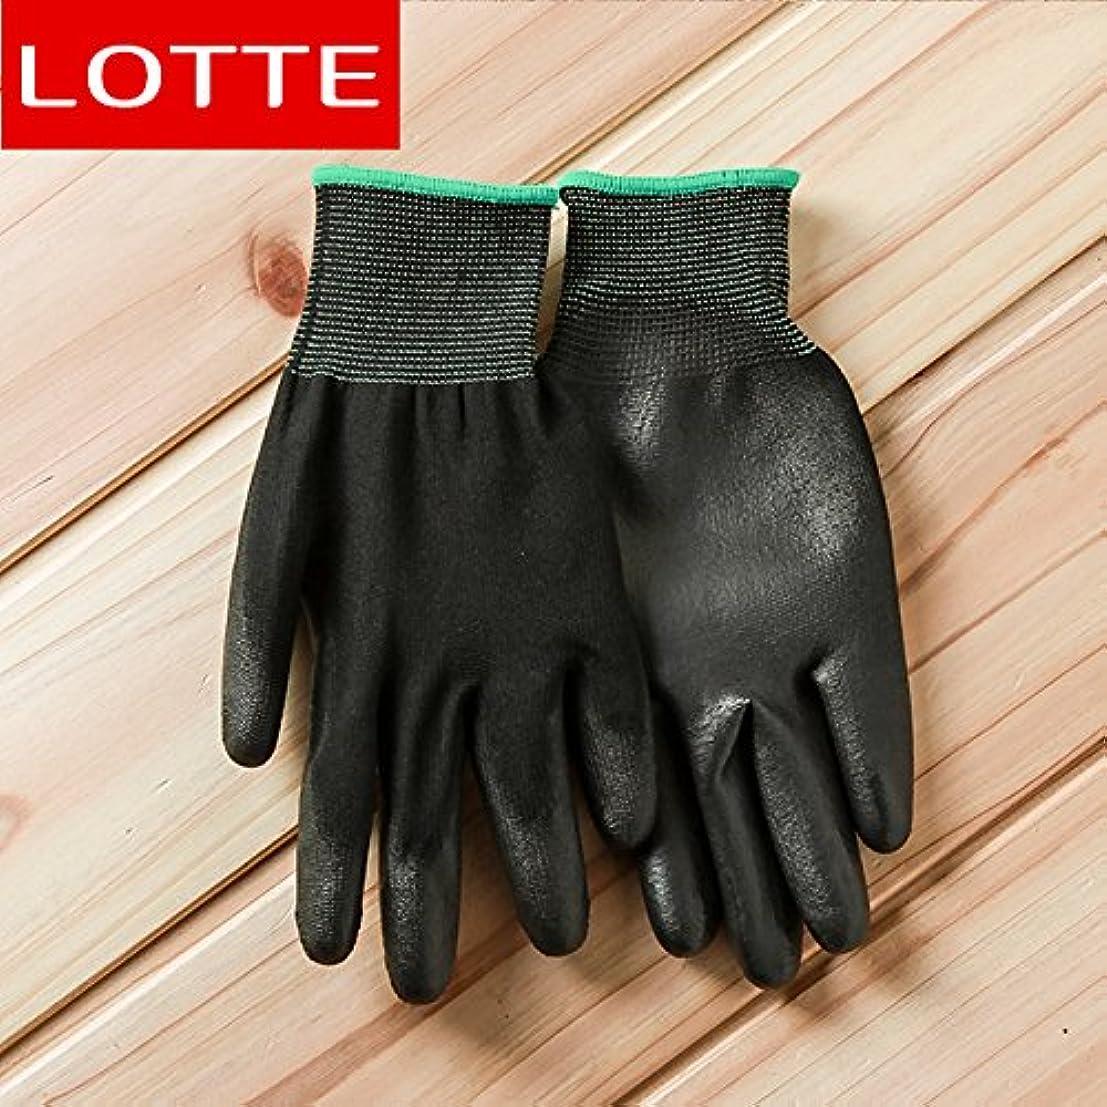 恐ろしいつづり支配的VBMDoM ロッテのPUパームコーティング作業手袋(黒/中型) x 5個 [並行輸入品]